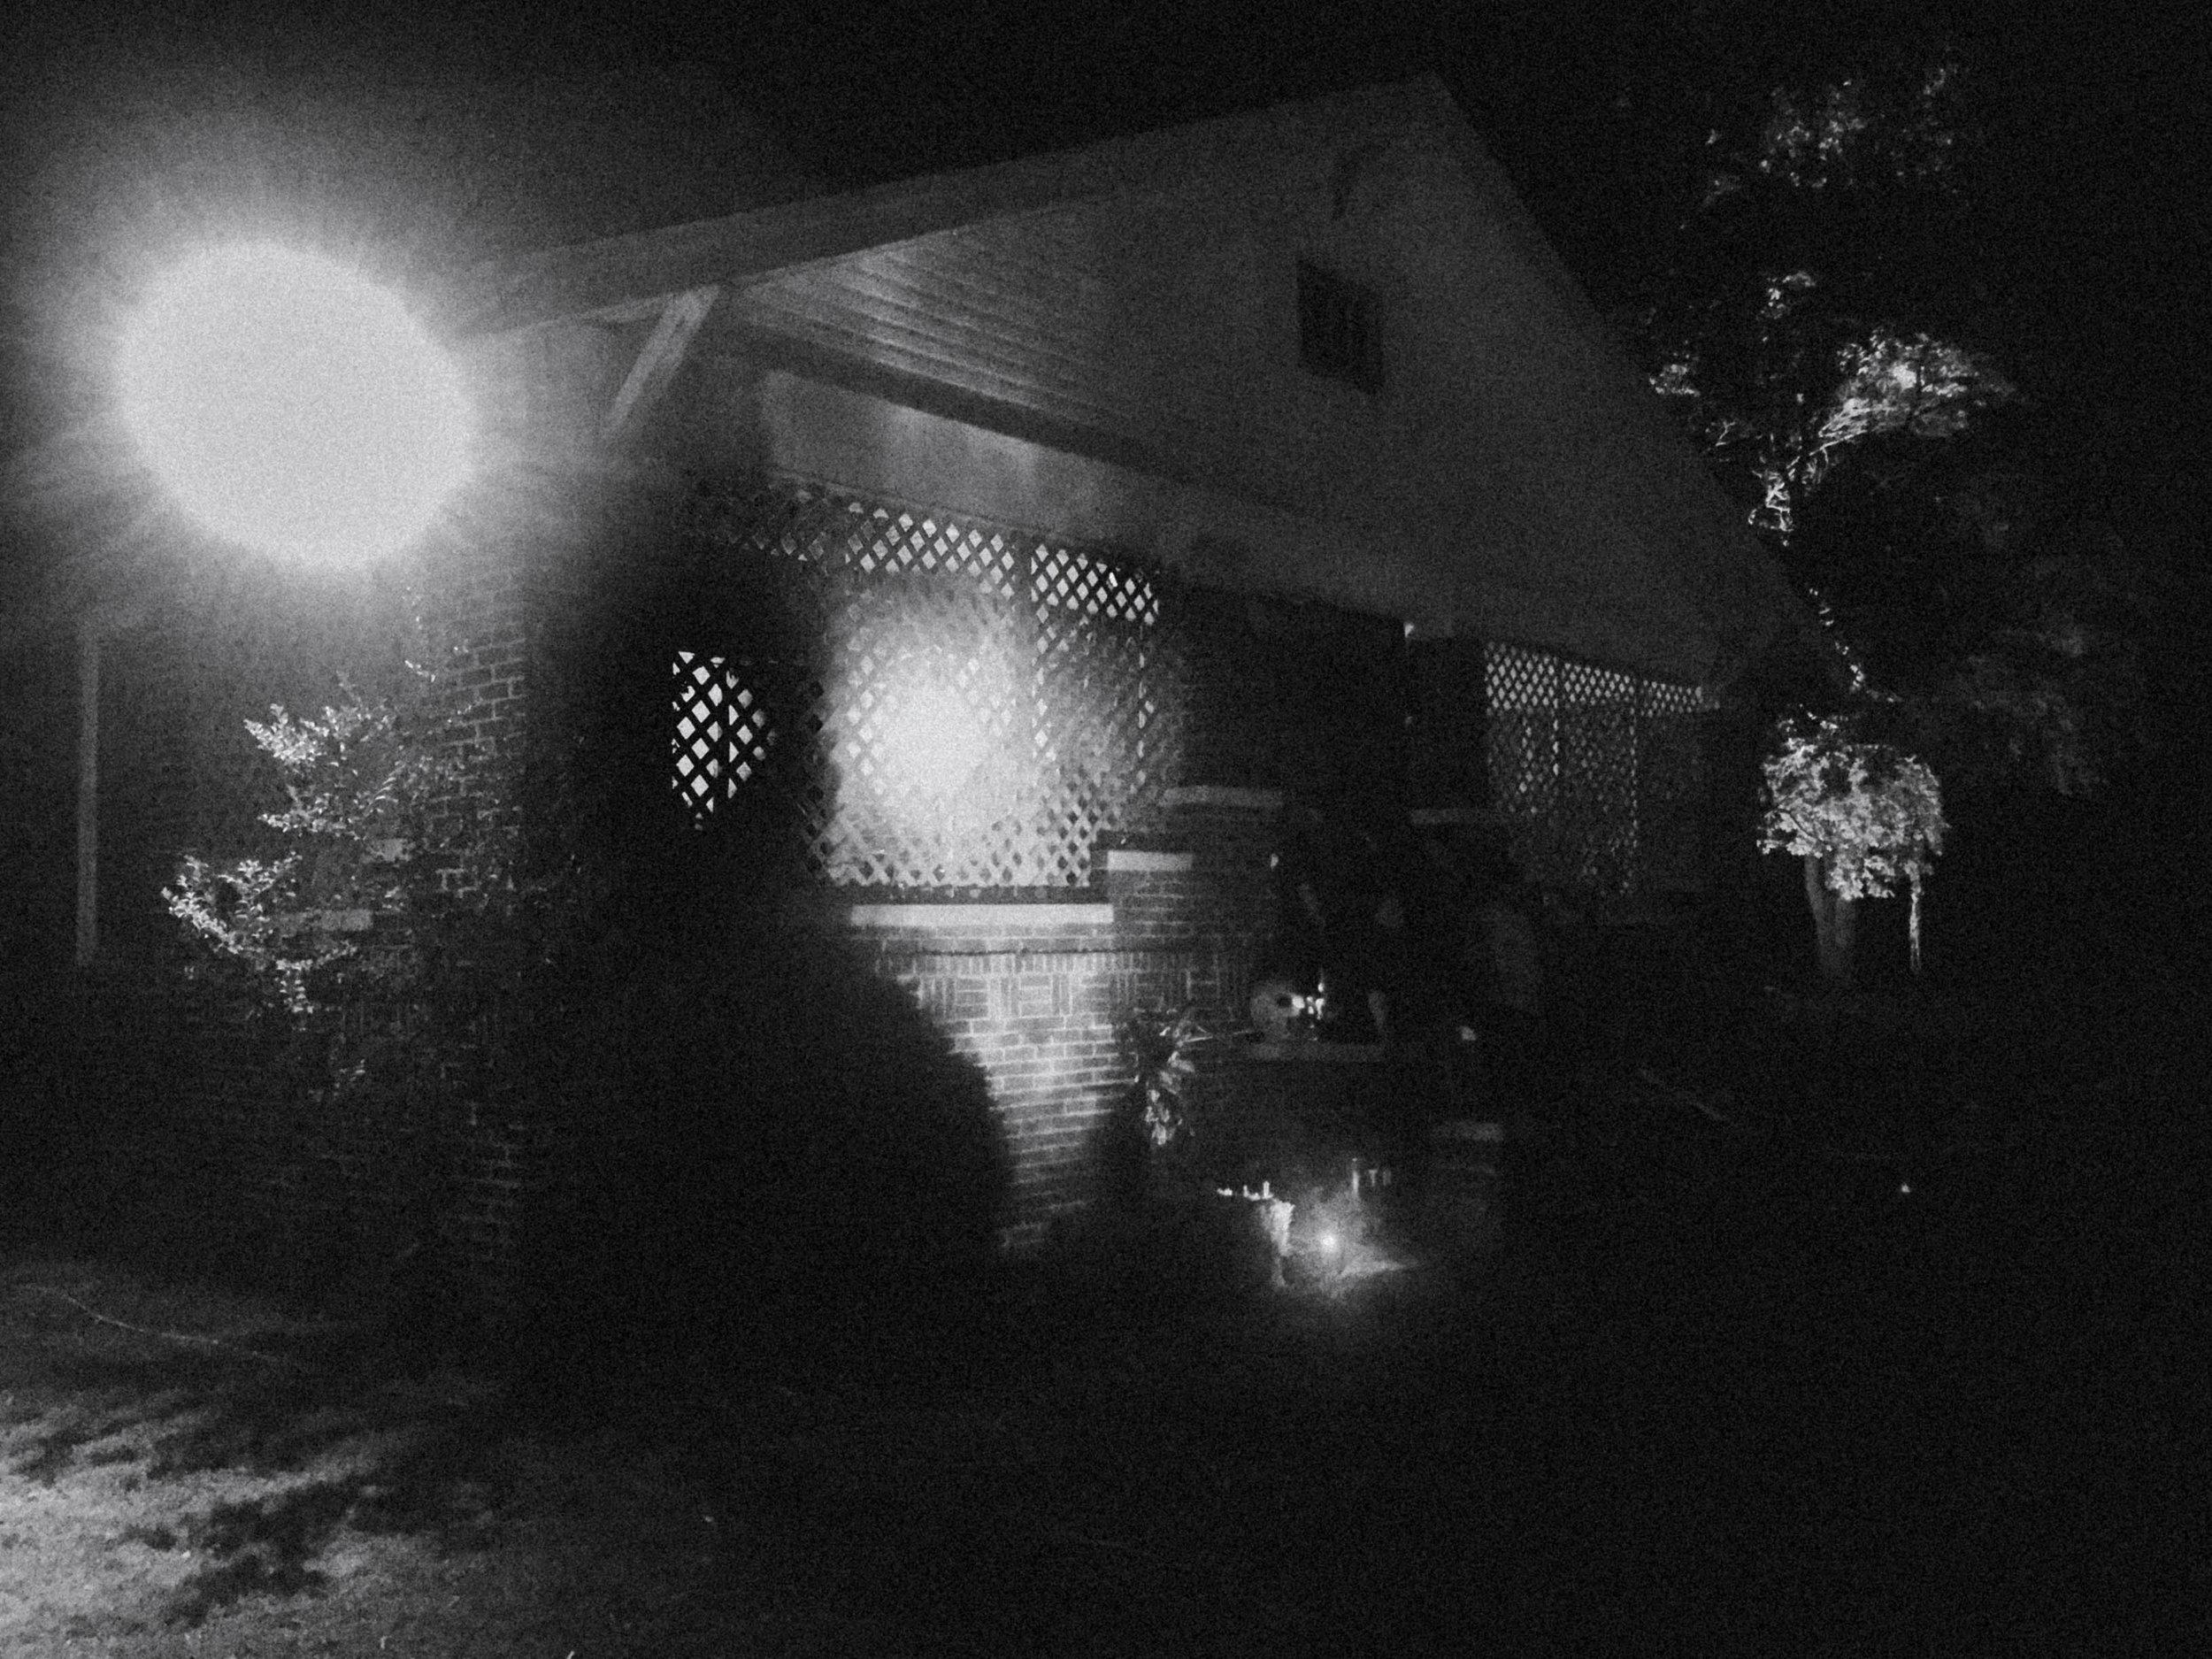 HauntedHouse-1-2.jpg